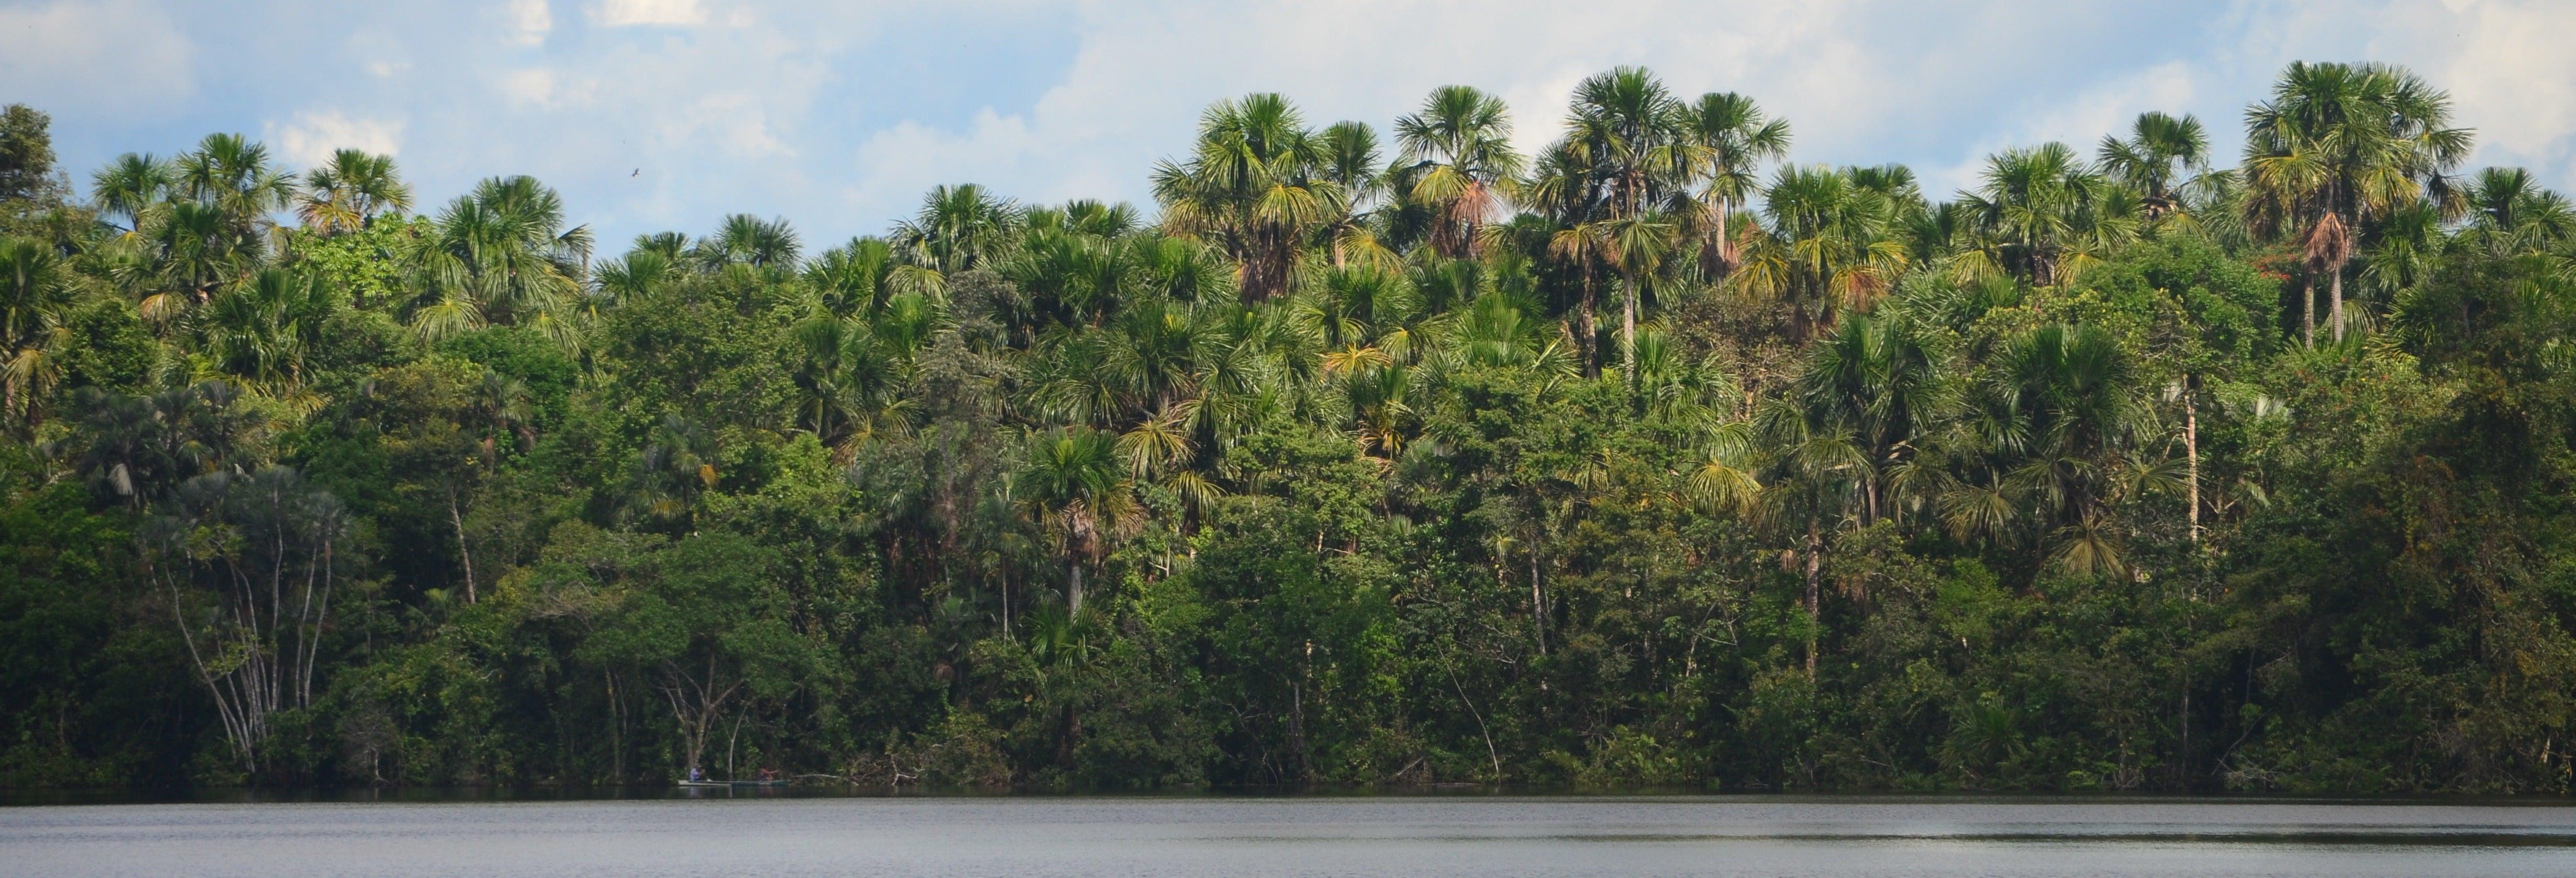 Excursão ao Rio Amazonas